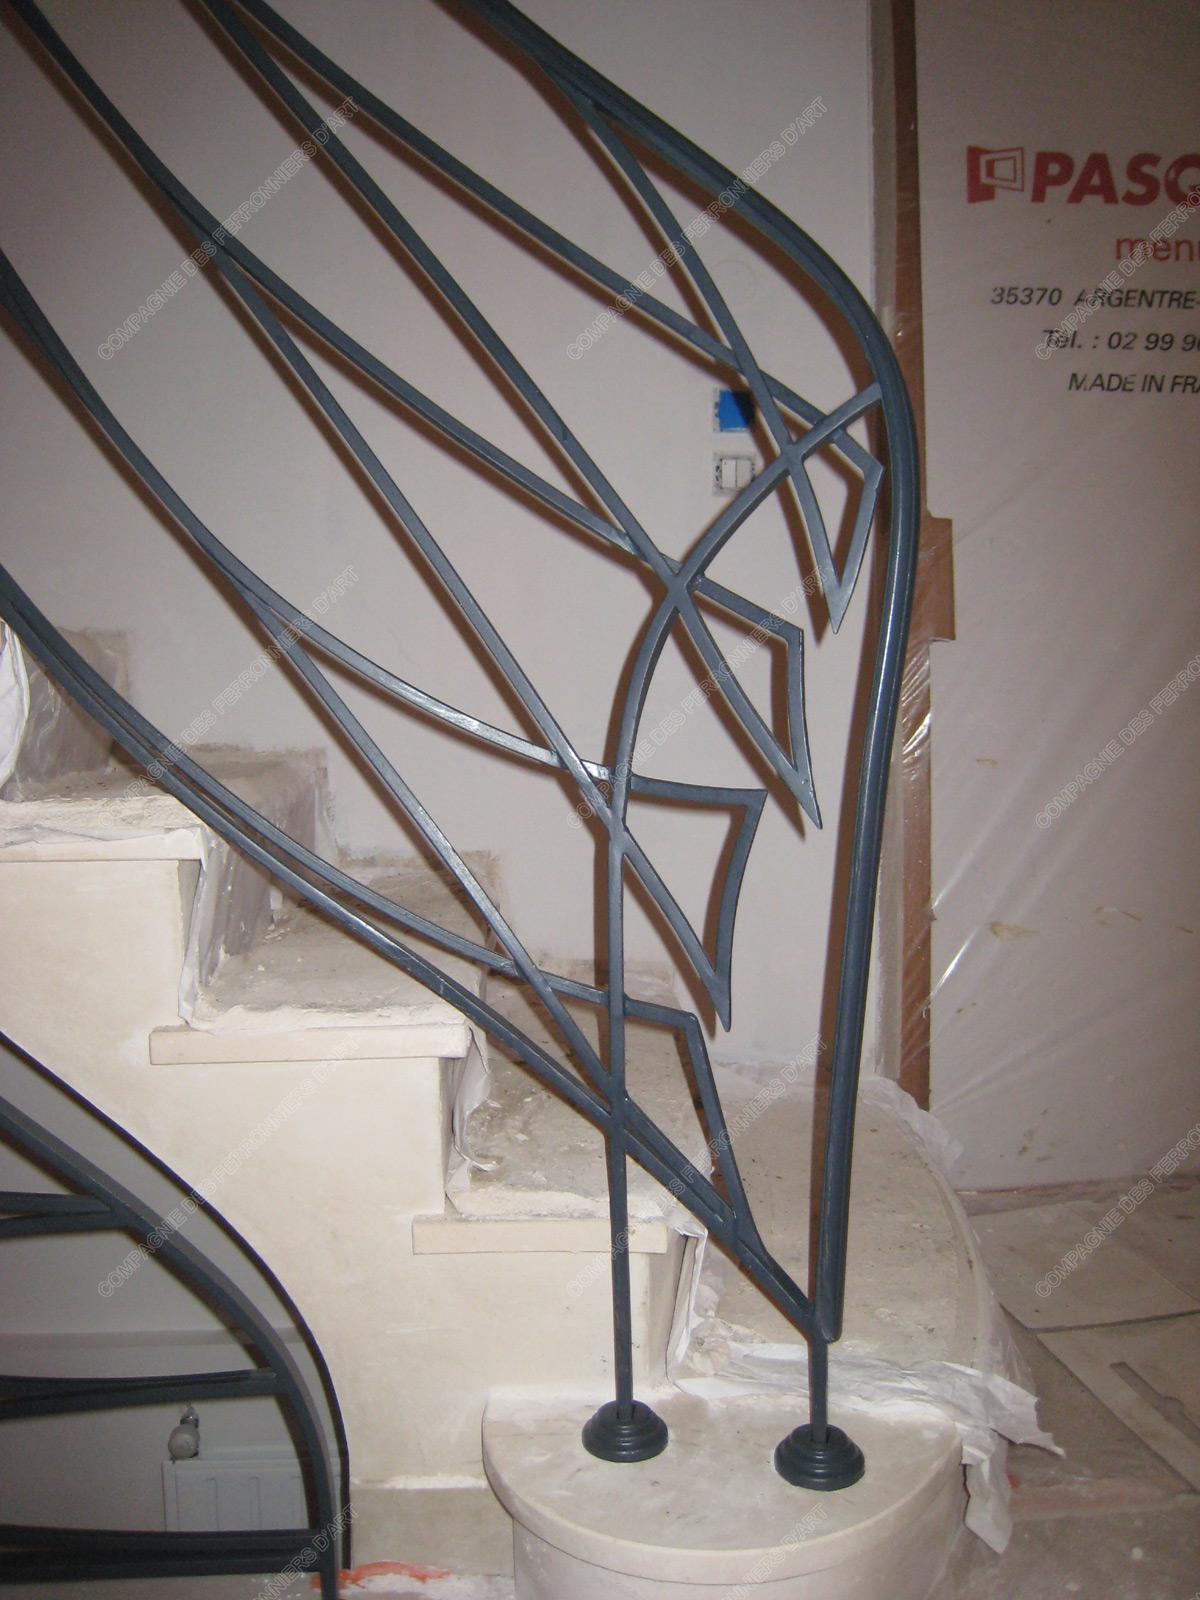 Rampes d 39 escalier en fer forg art nouveau mod le poissons - Modele poisson ...